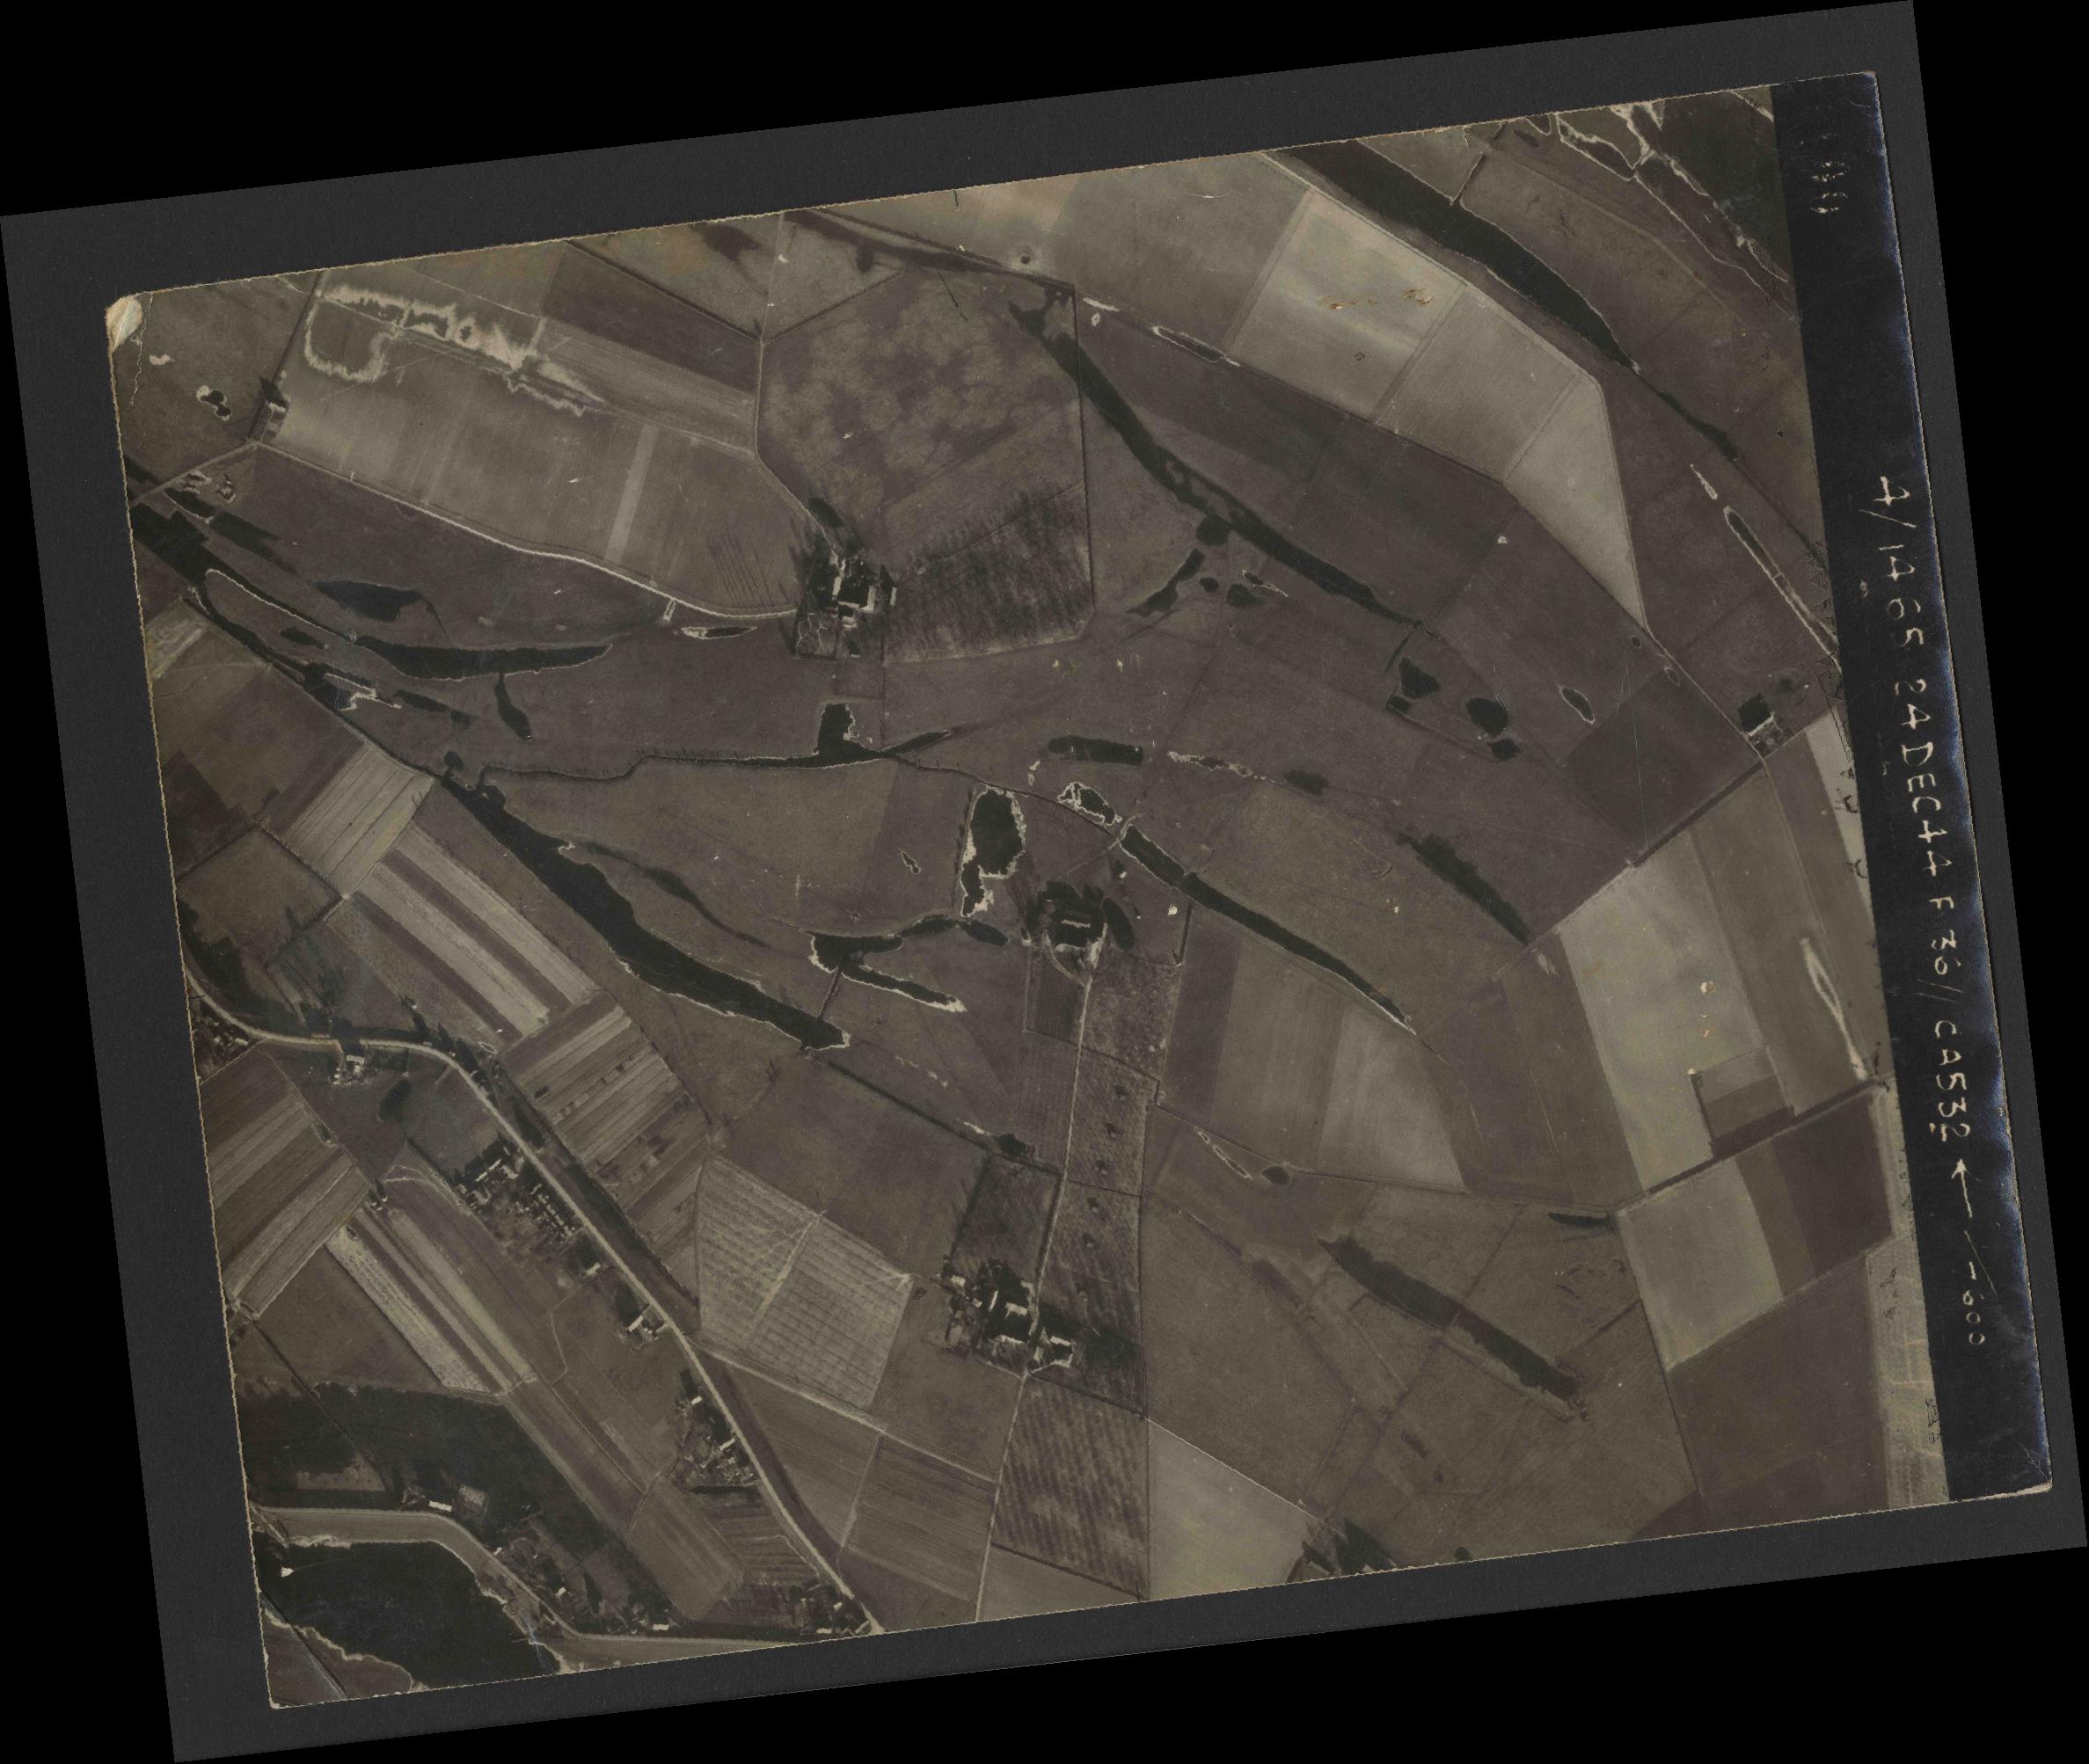 Collection RAF aerial photos 1940-1945 - flight 304, run 02, photo 4100